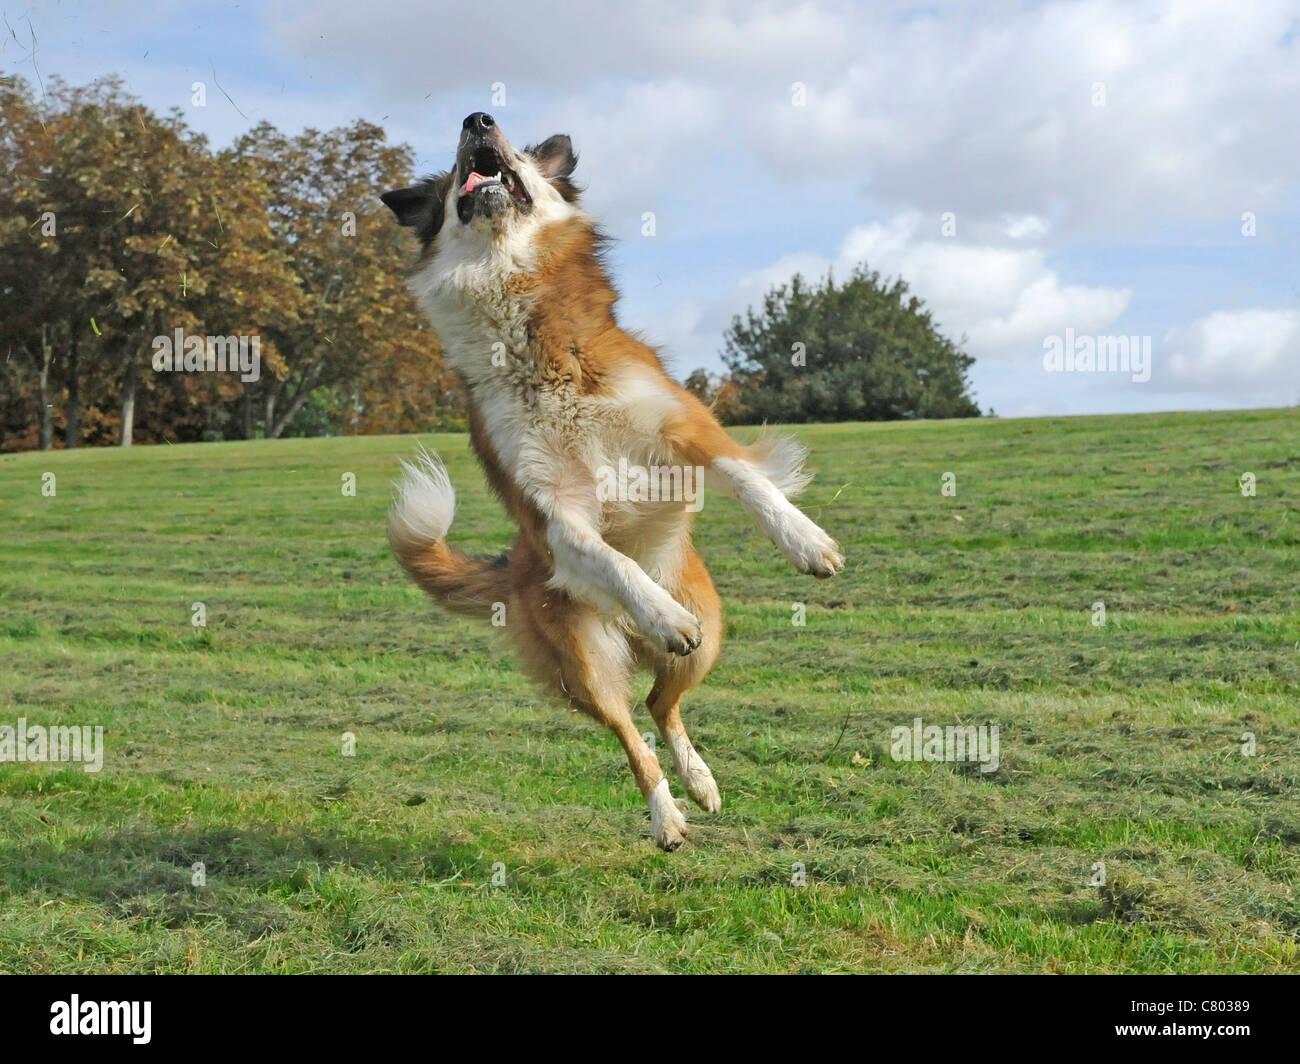 Eine Collie Kreuz Hund springt in die Luft Stockbild